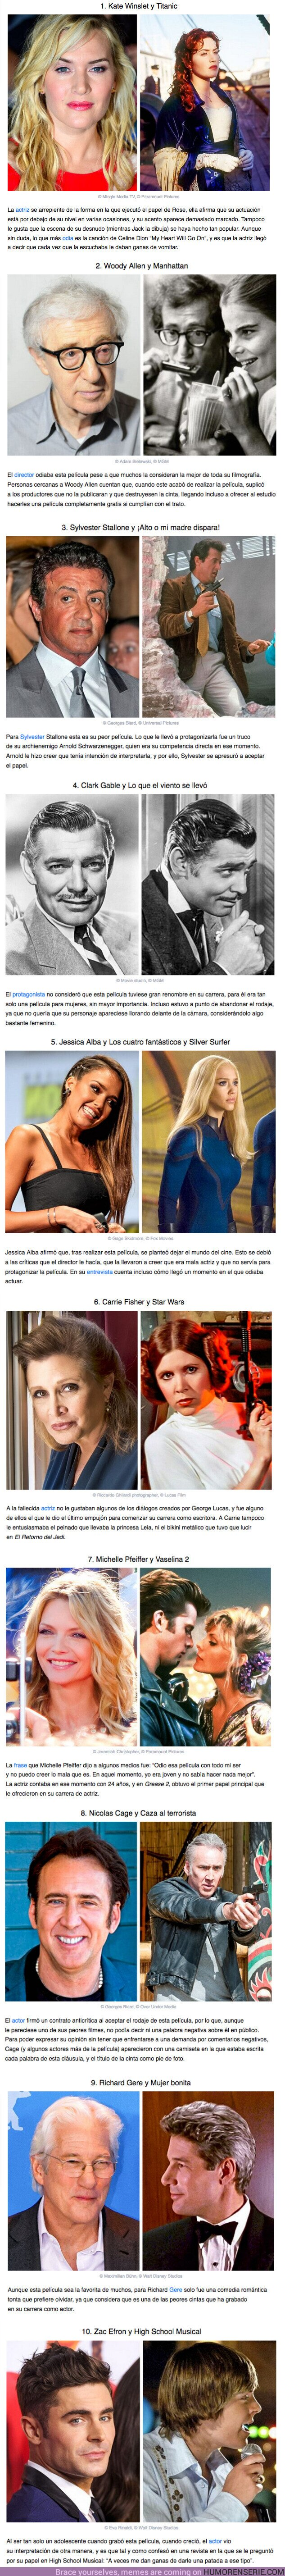 62929 - GALERIA: 10 Actores que odian sus películas más famosas